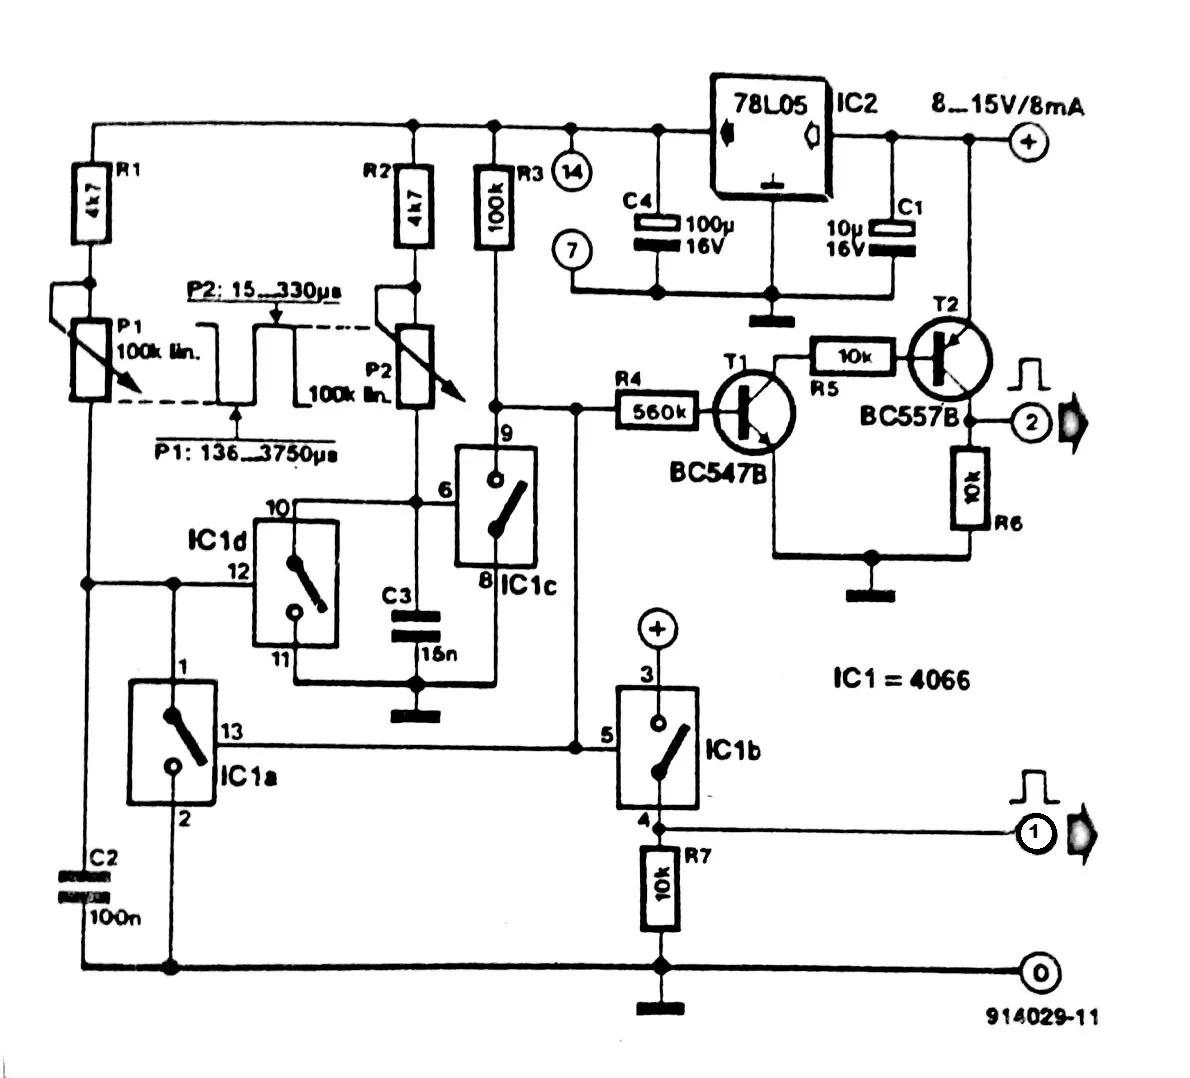 taskmaster 5100 series wiring diagram wiring diagram img rh 19 rtbgf keintagwiejederandere de